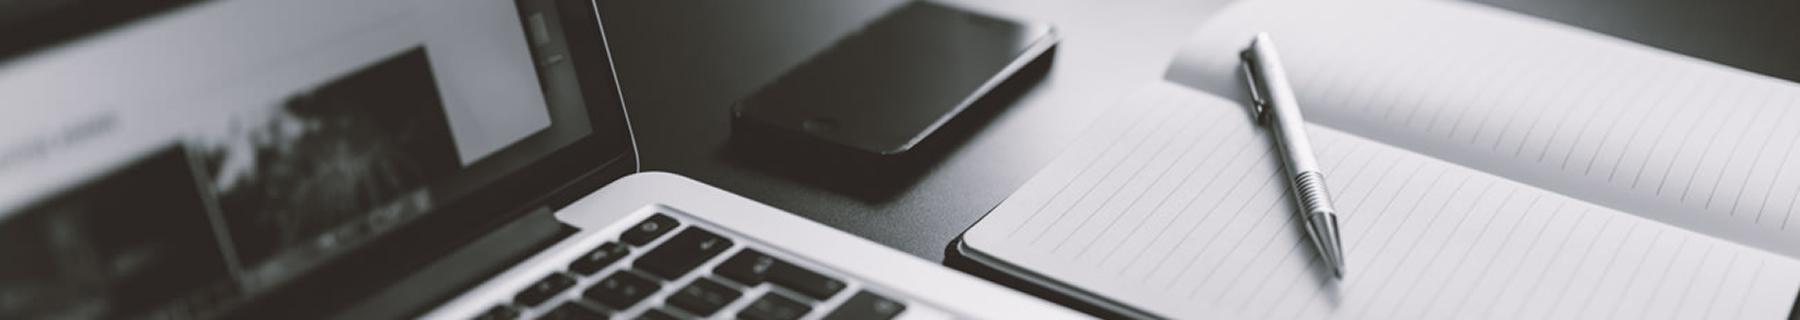 Hjemmesider, indhold og kurser